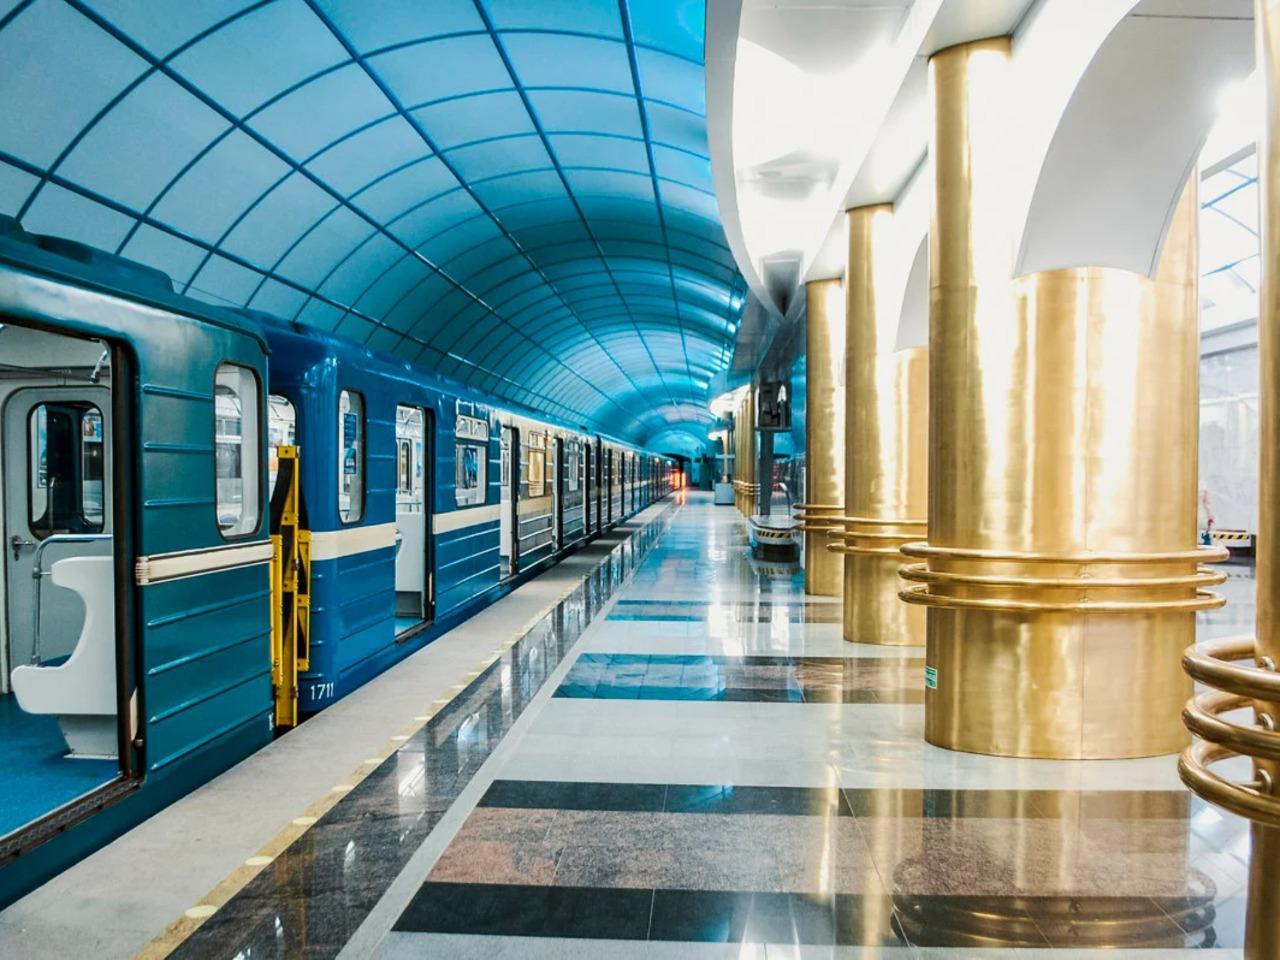 Петербургская подземка - индивидуальная экскурсия по Санкт-Петербургу от опытного гида